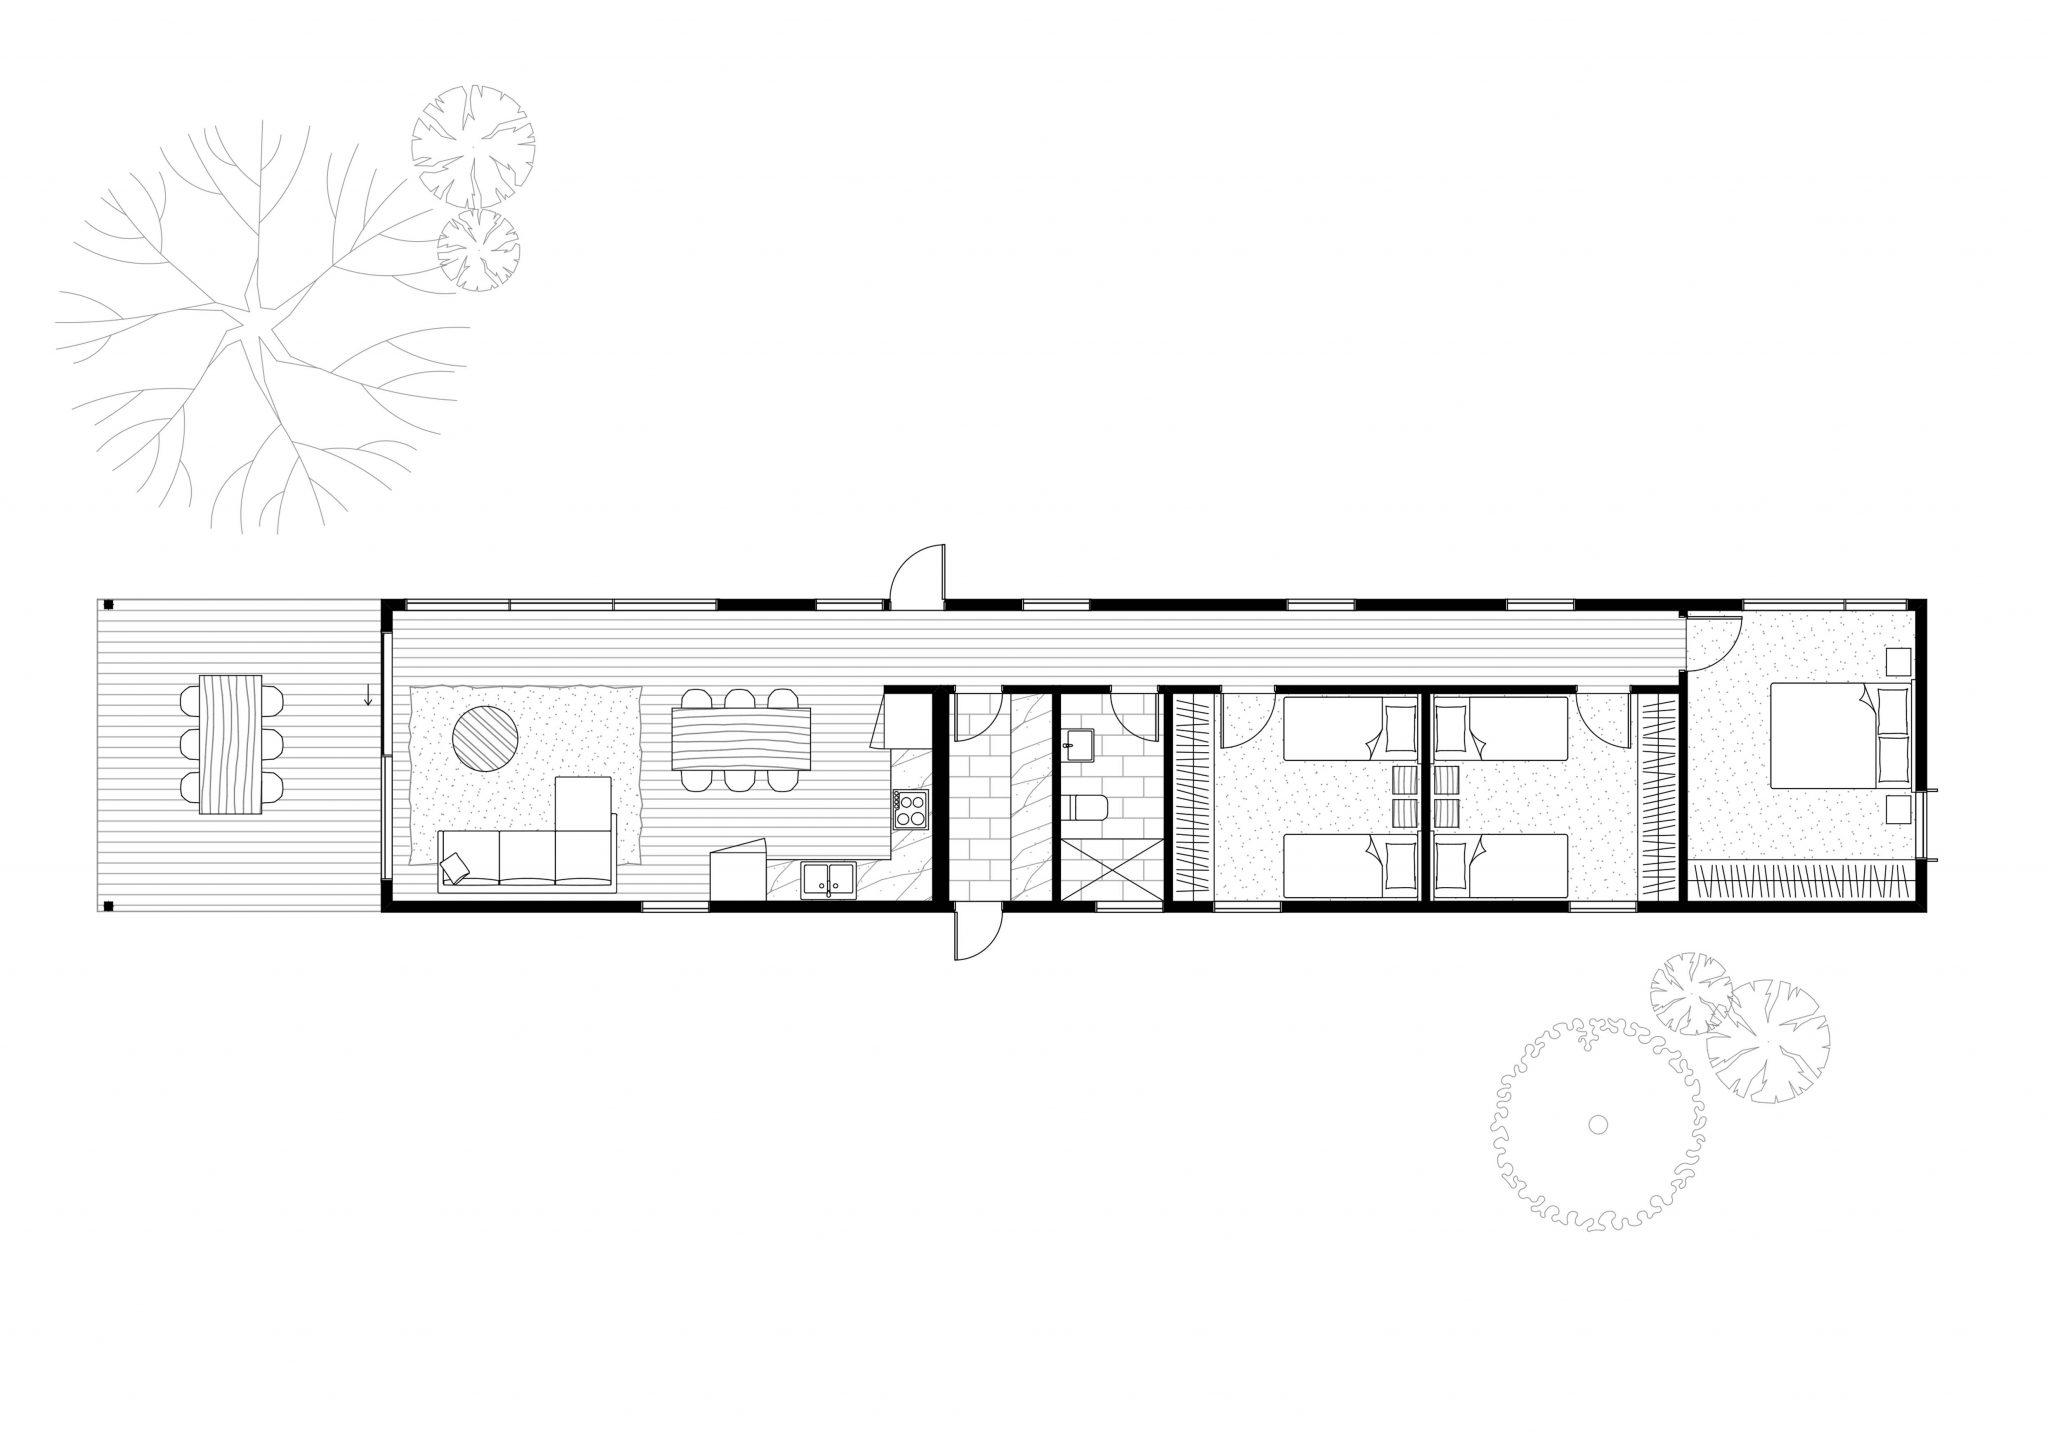 lennon floor plan image